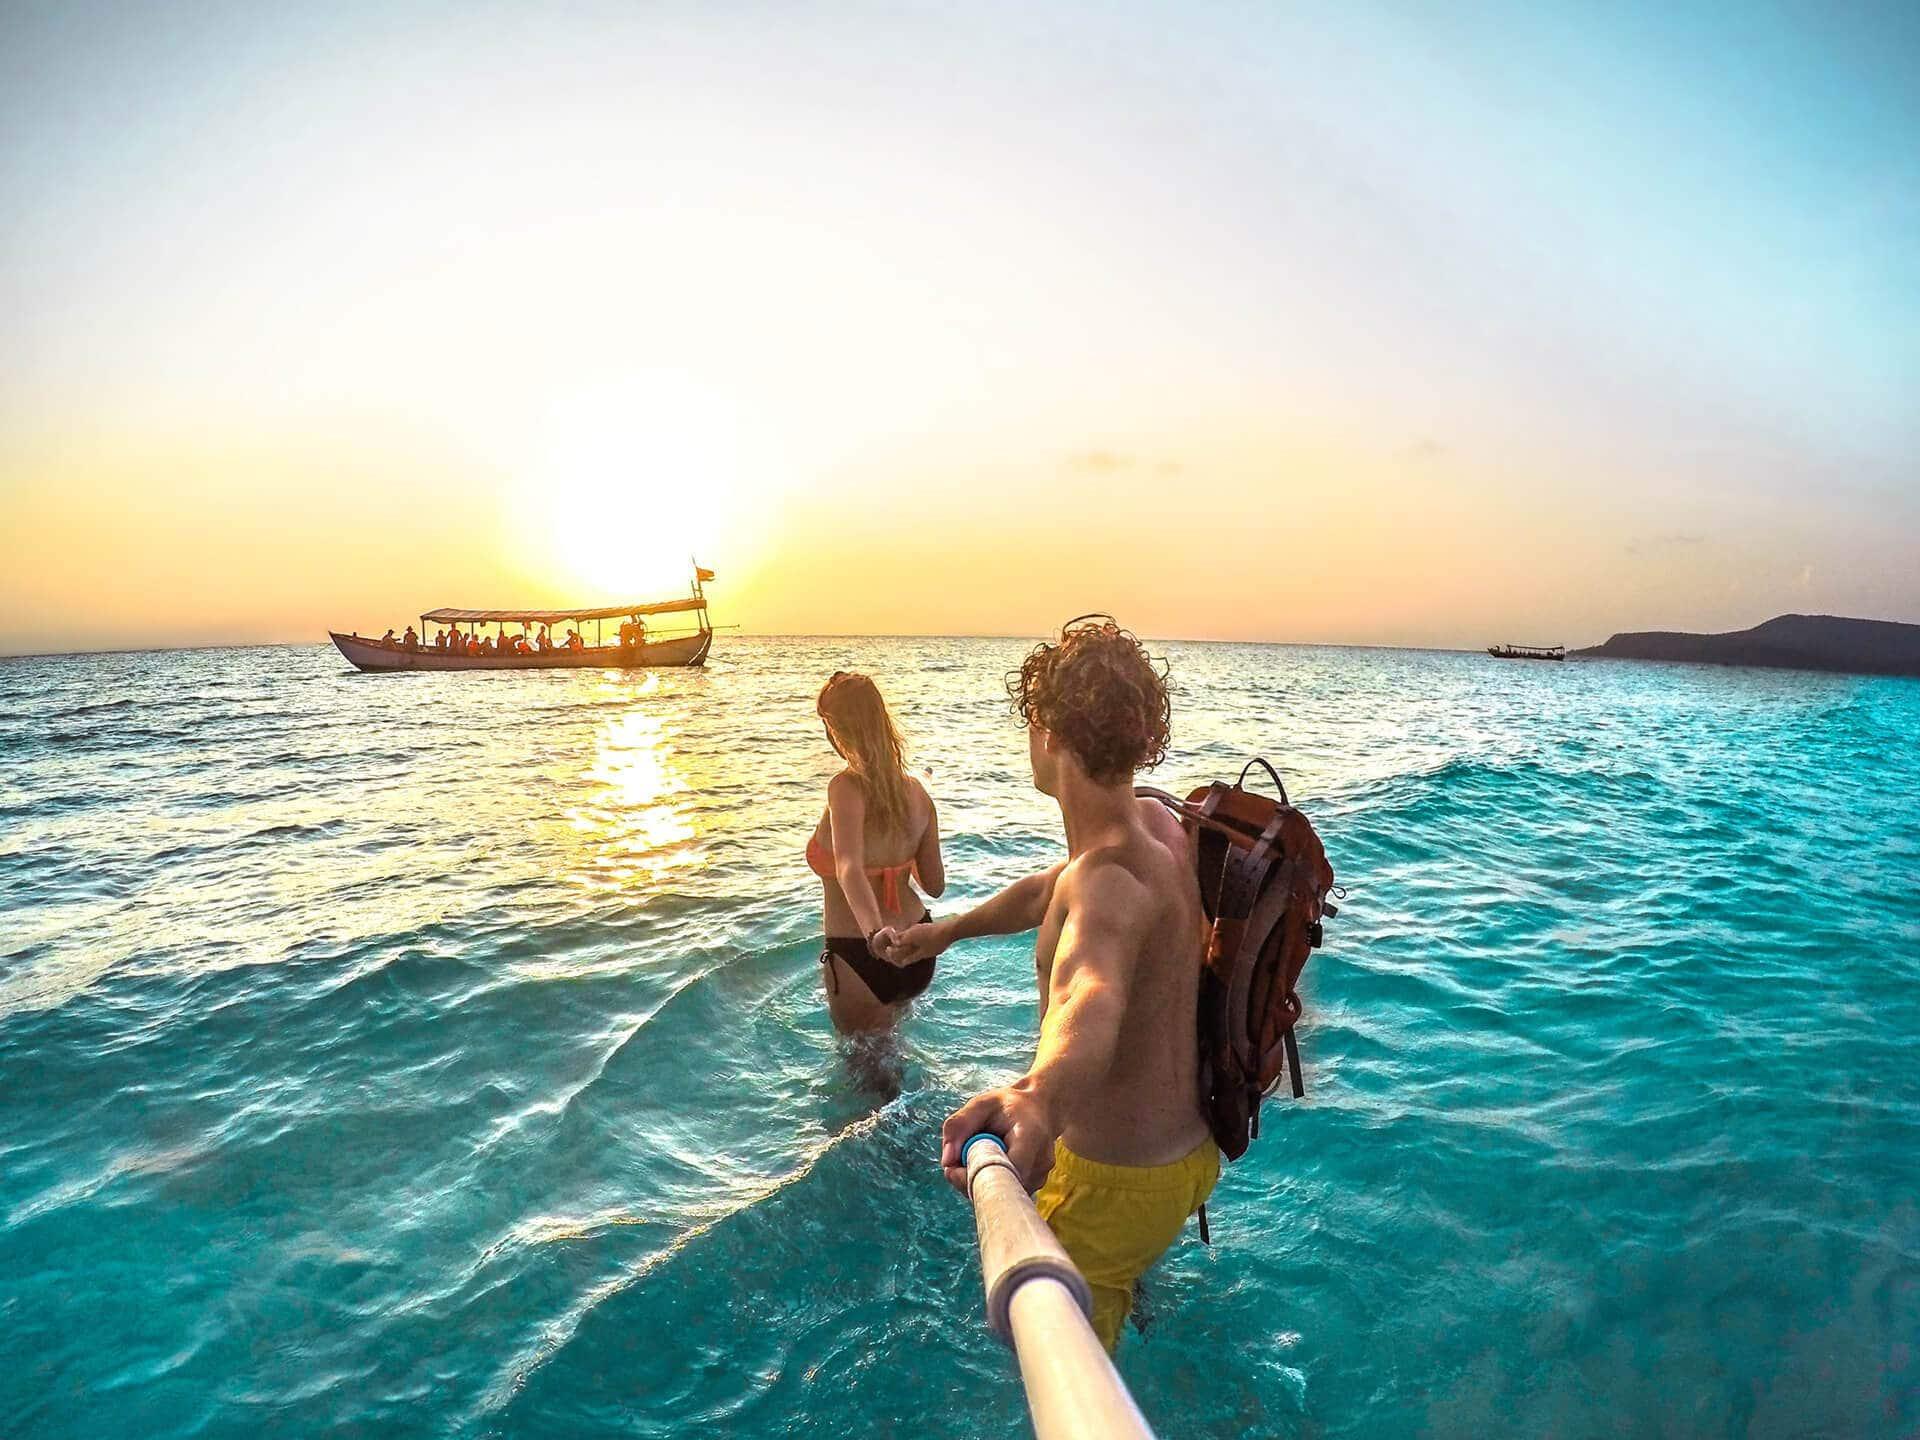 cambodia island koh-rong sunset couple